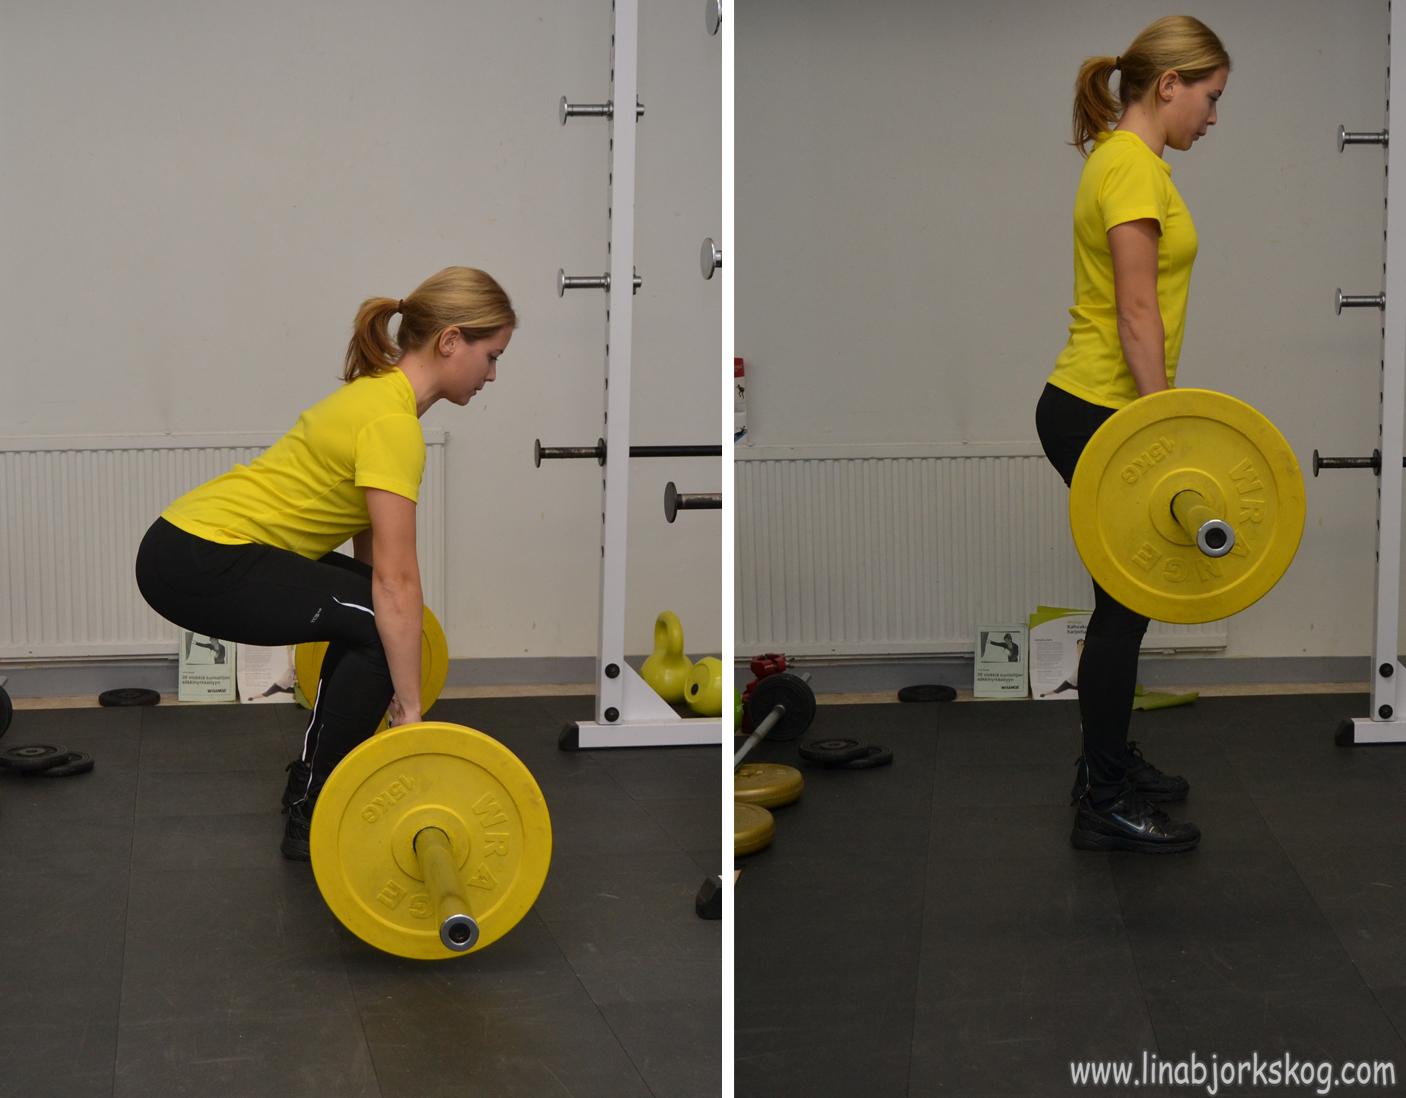 Bygga upp styrketräningsprogram